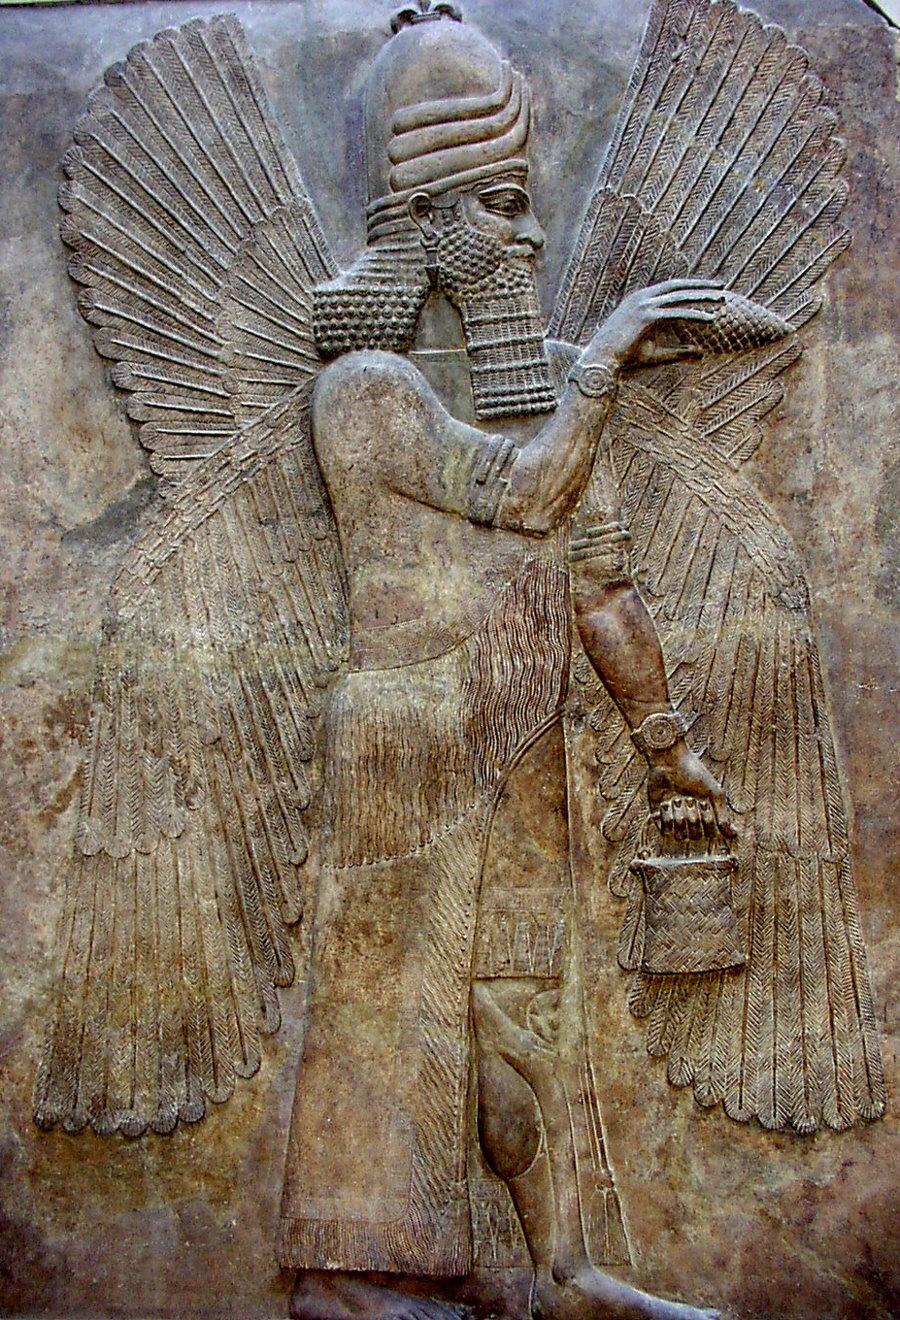 Relevo que representa o deus Marduk, herança babilônica, atualmente no Museu do Louvre.